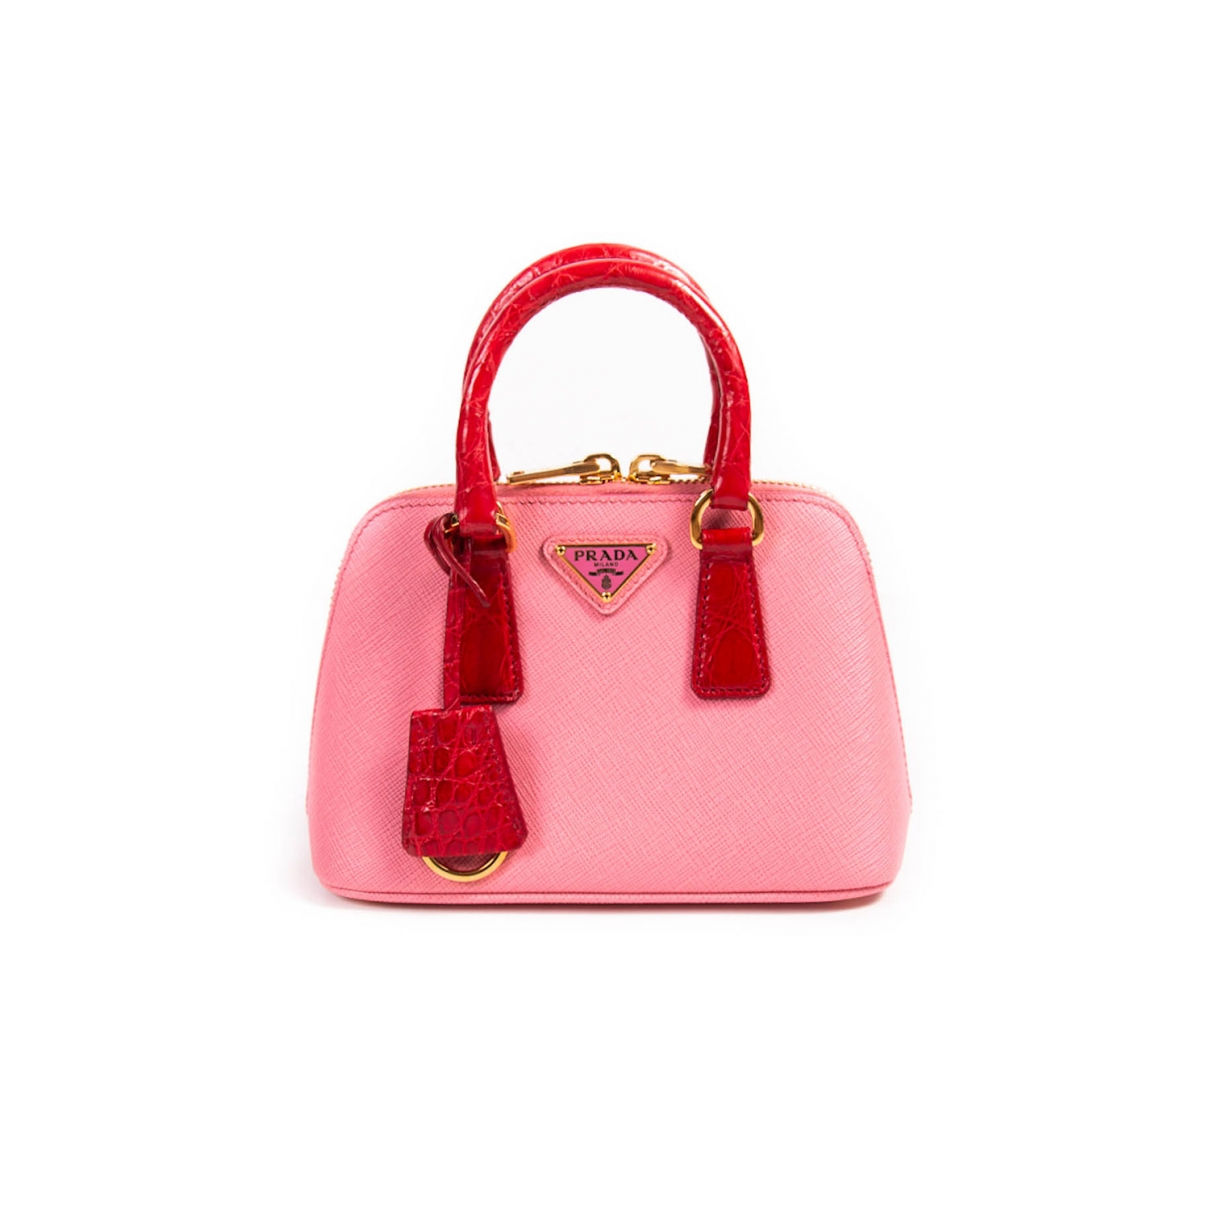 Prada Promenade Pink Leather handbag for Women \N